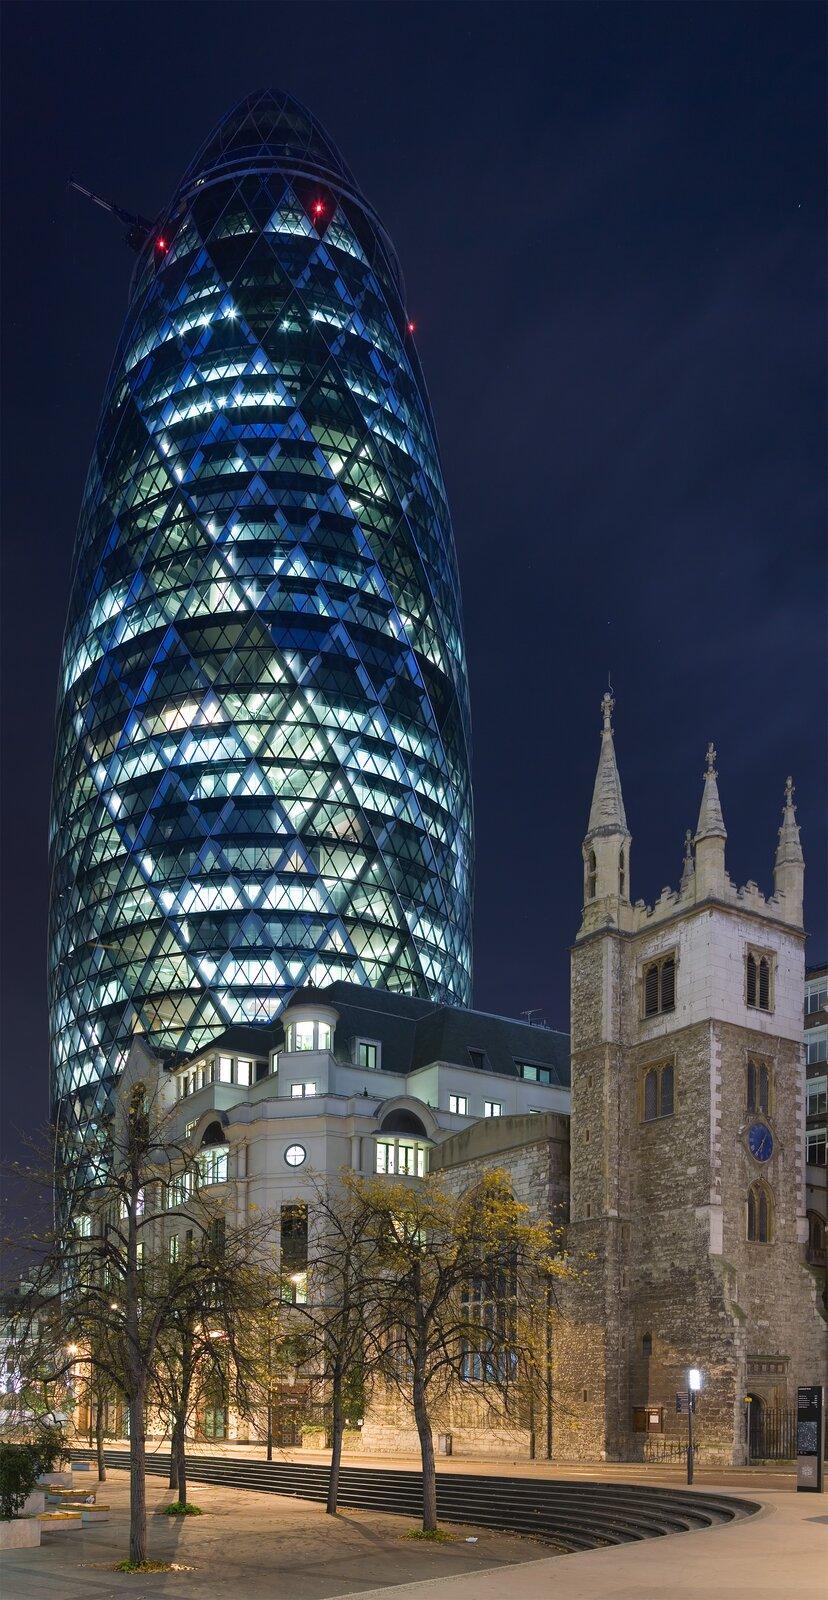 Zdjęcie przedstawia przypominający kształtem wielki pocisk wieżowiec 30 Saint May Axe. Budowla ma 180 metrów wysokości ijest pokryta podwójną szklaną elewacją. Na zdjęciu przedstawiony jest nocą zefektownym oświetleniem iklasycznymi londyńskimi budynkami na pierwszym planie.